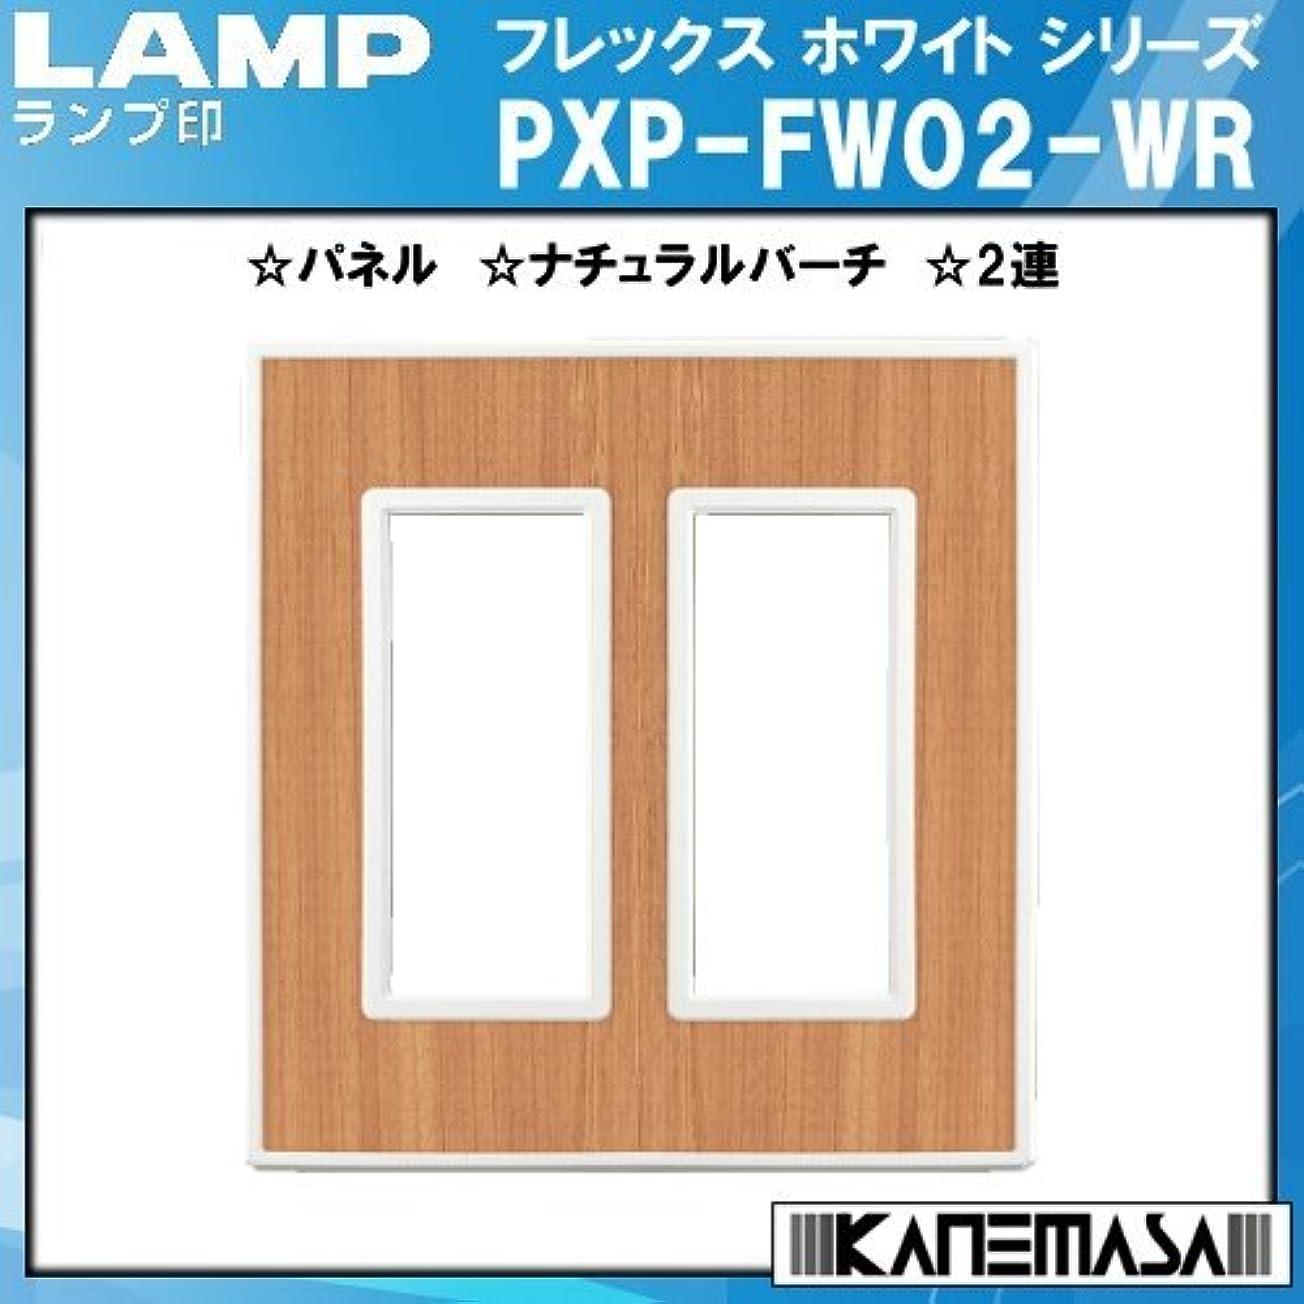 グローブハブ旧正月FLEX WHITE フレックス ホワイト シリーズ スイッチ ? コンセント プレート 【LAMP】 スガツネ PXP-FW02-WR ナチュラルバーチ 2連 取付ねじが見えません